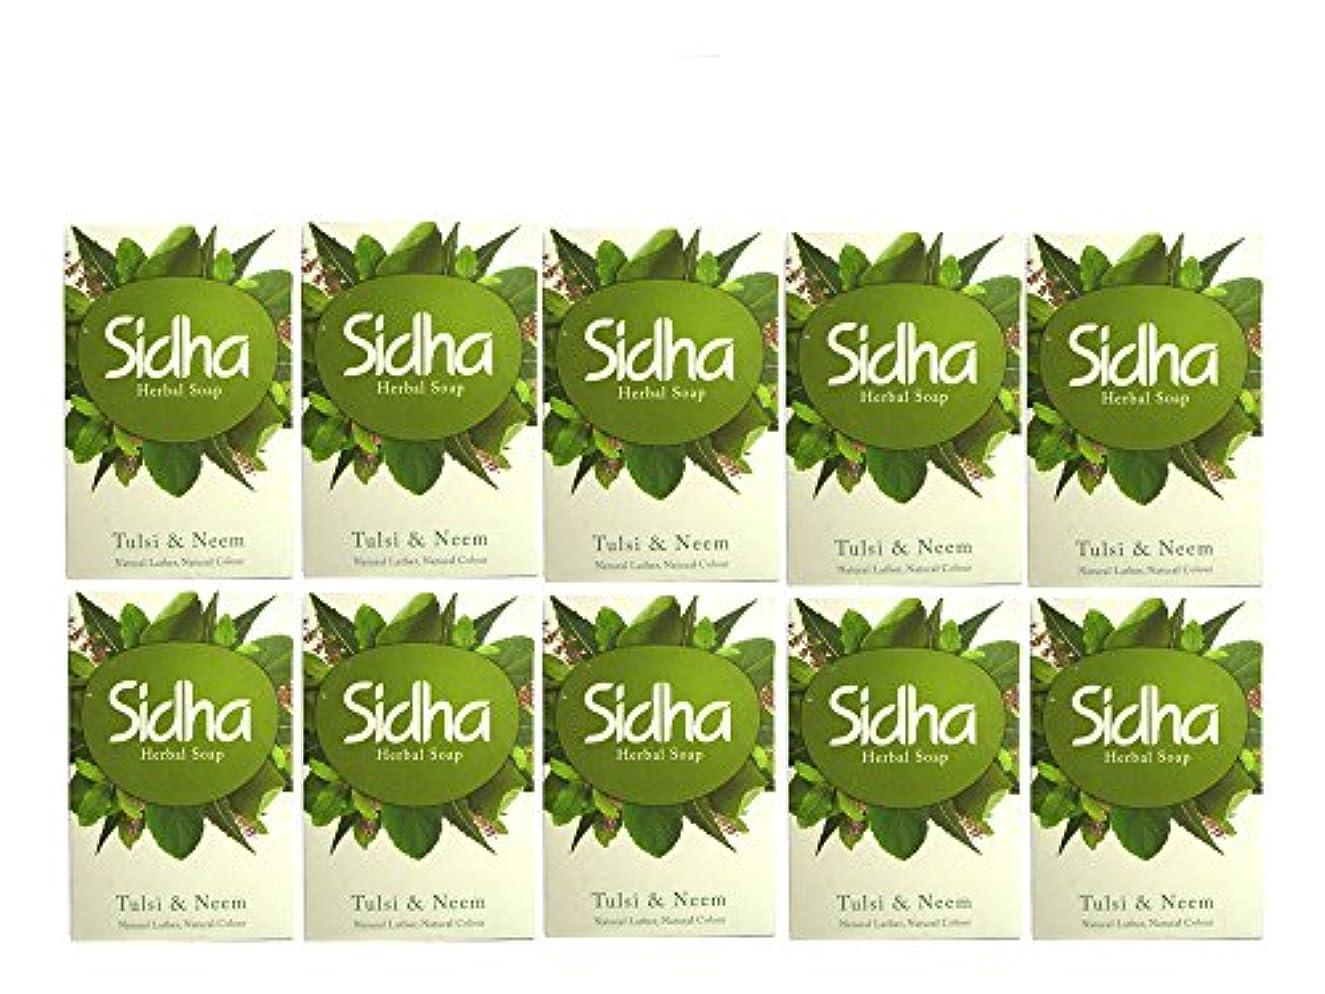 すべき状態仮定するSIHDH Herbal Soap Tulsi & Neem シダー ハ-バル ソープ 75g 10個セット